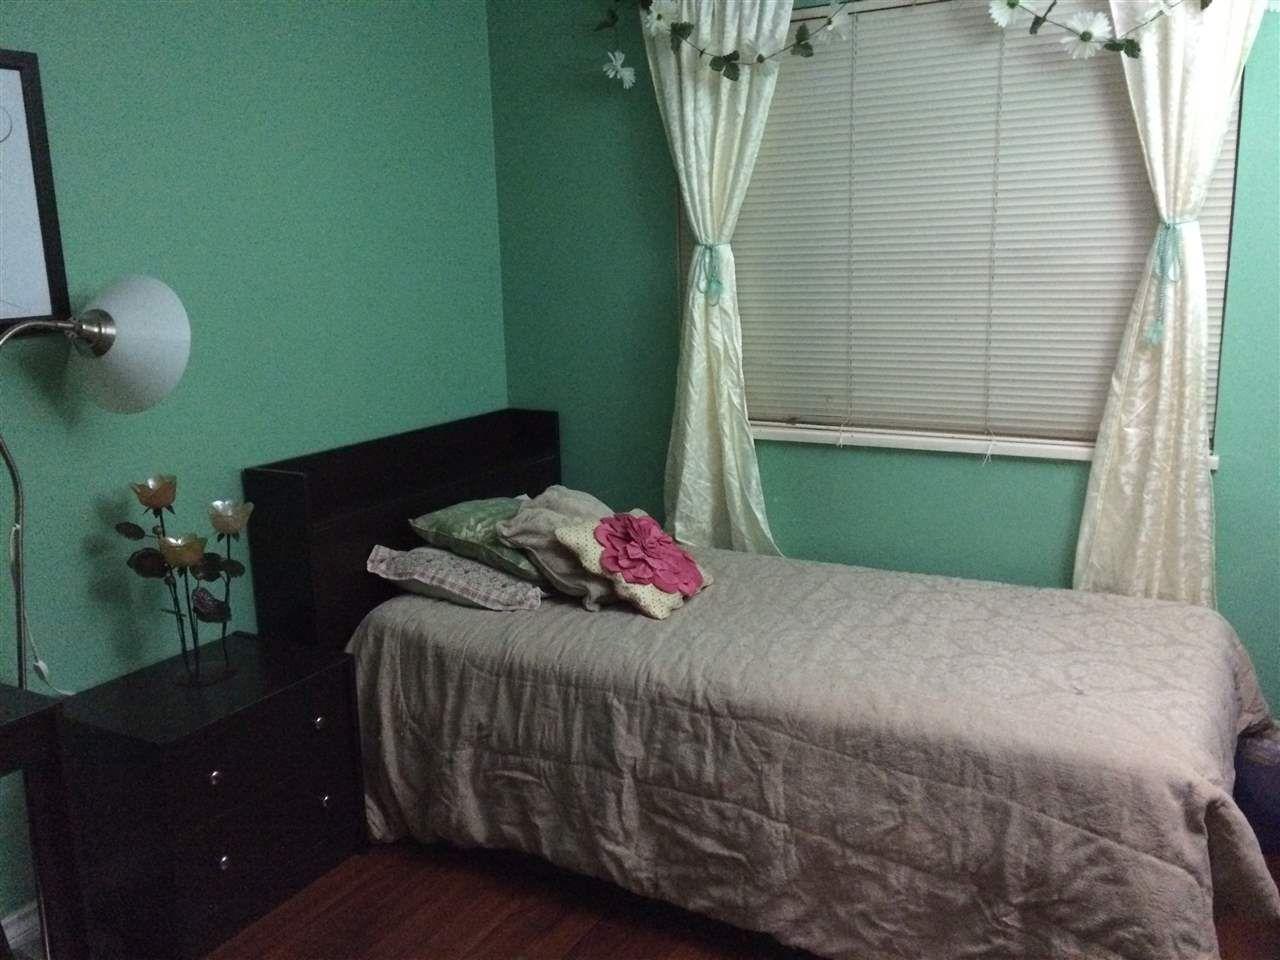 Photo 15: Photos: 106 15150 108TH AVENUE in Surrey: Bolivar Heights Condo for sale (North Surrey)  : MLS®# R2148396